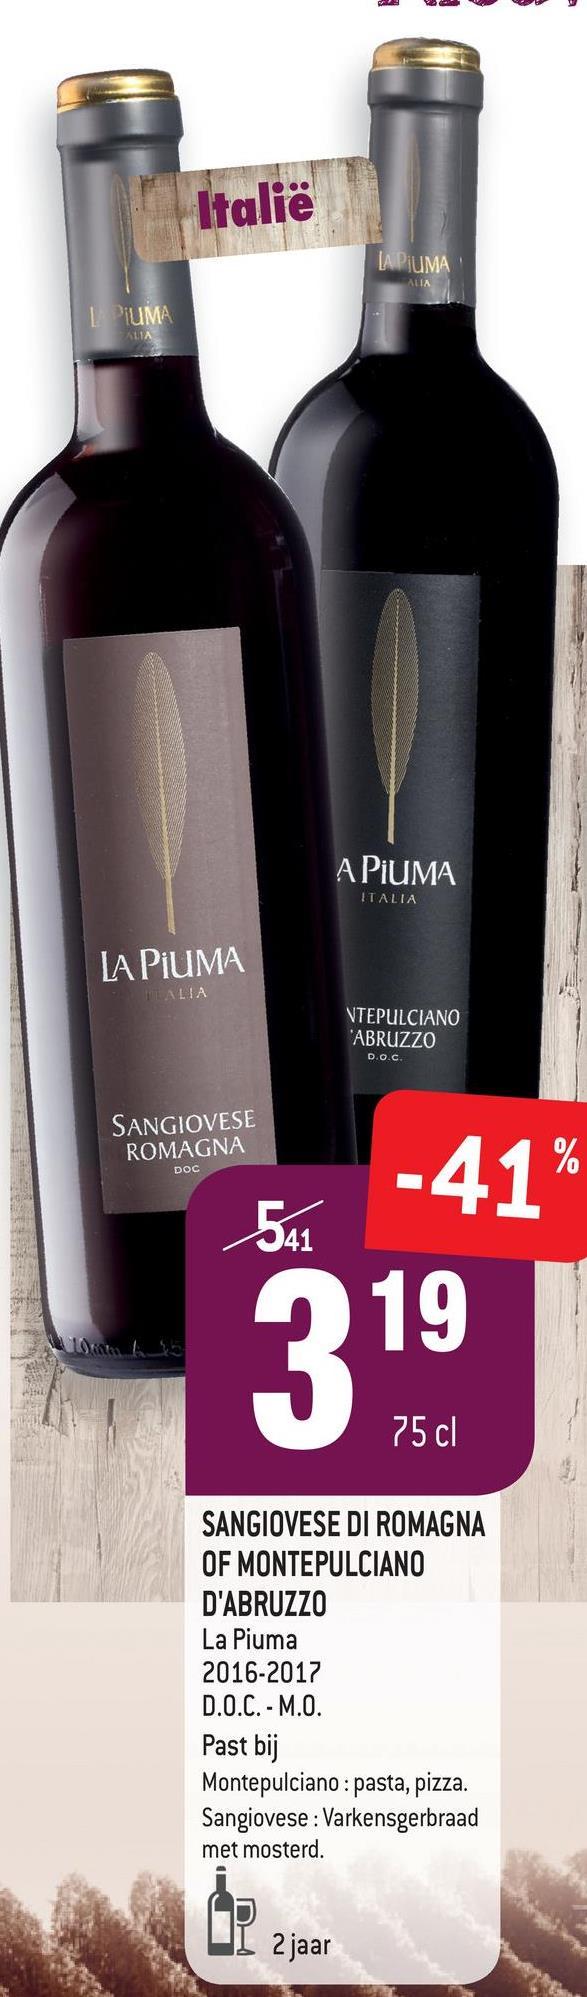 Italië A PIUMA ALTA I PUMA A PIUMA ITALIA LA PIUMA ALLA NTEPULCIANO 'ABRUZZO D.O.C. SANGIOVESE ROMAGNA DOC -41% 19 75 cl SANGIOVESE DI ROMAGNA OF MONTEPULCIANO D'ABRUZZO La Piuma 2016-2017 D.O.C. - M.O. Past bij Montepulciano : pasta, pizza. Sangiovese : Varkensgerbraad met mosterd. 2 jaar